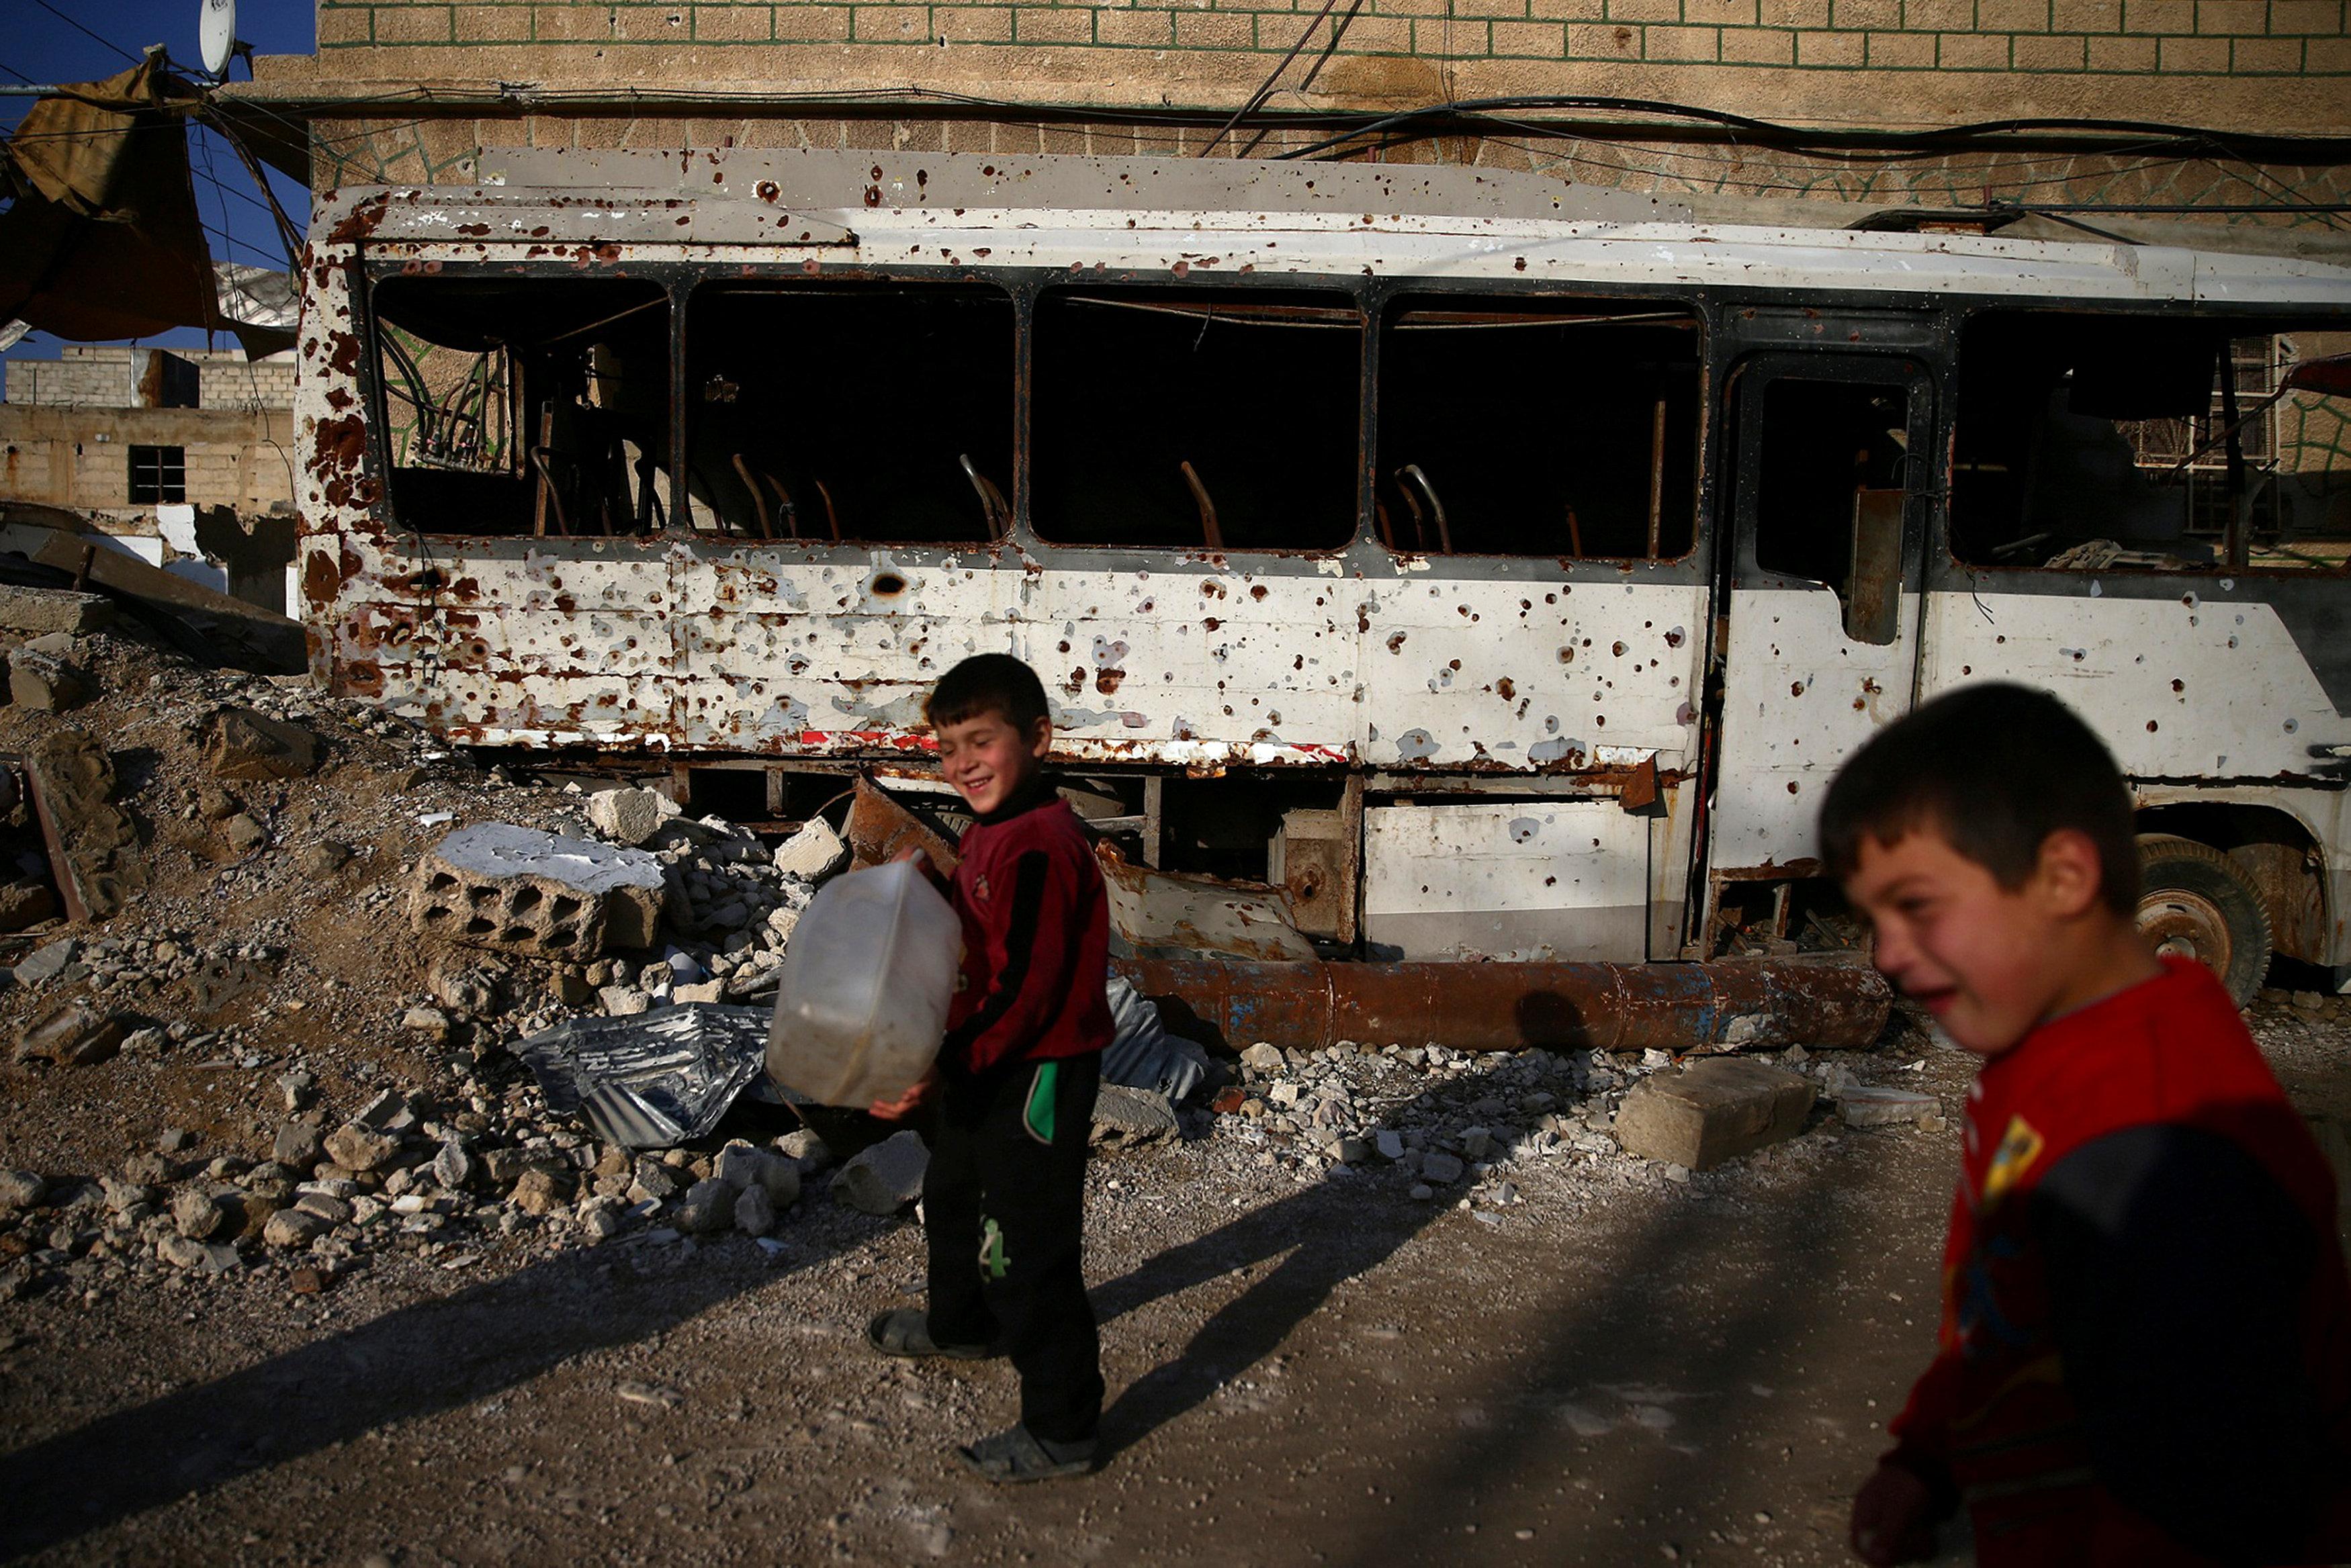 Syria rejects Qatari, Saudi role in talks, says report